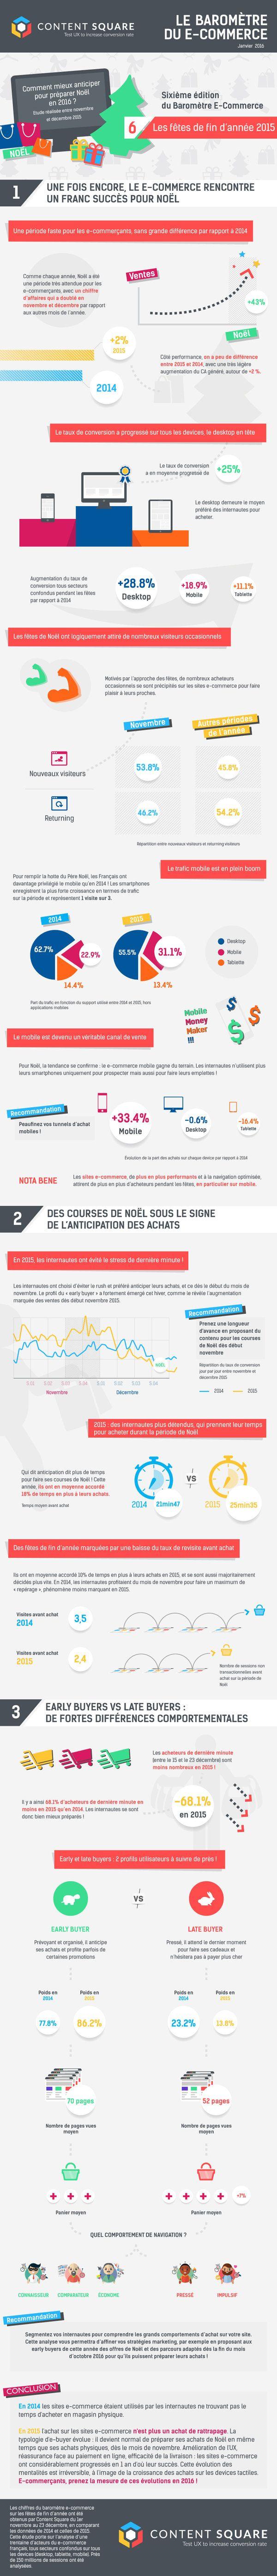 Infographie : bilan des achats en ligne de Noël - JDN